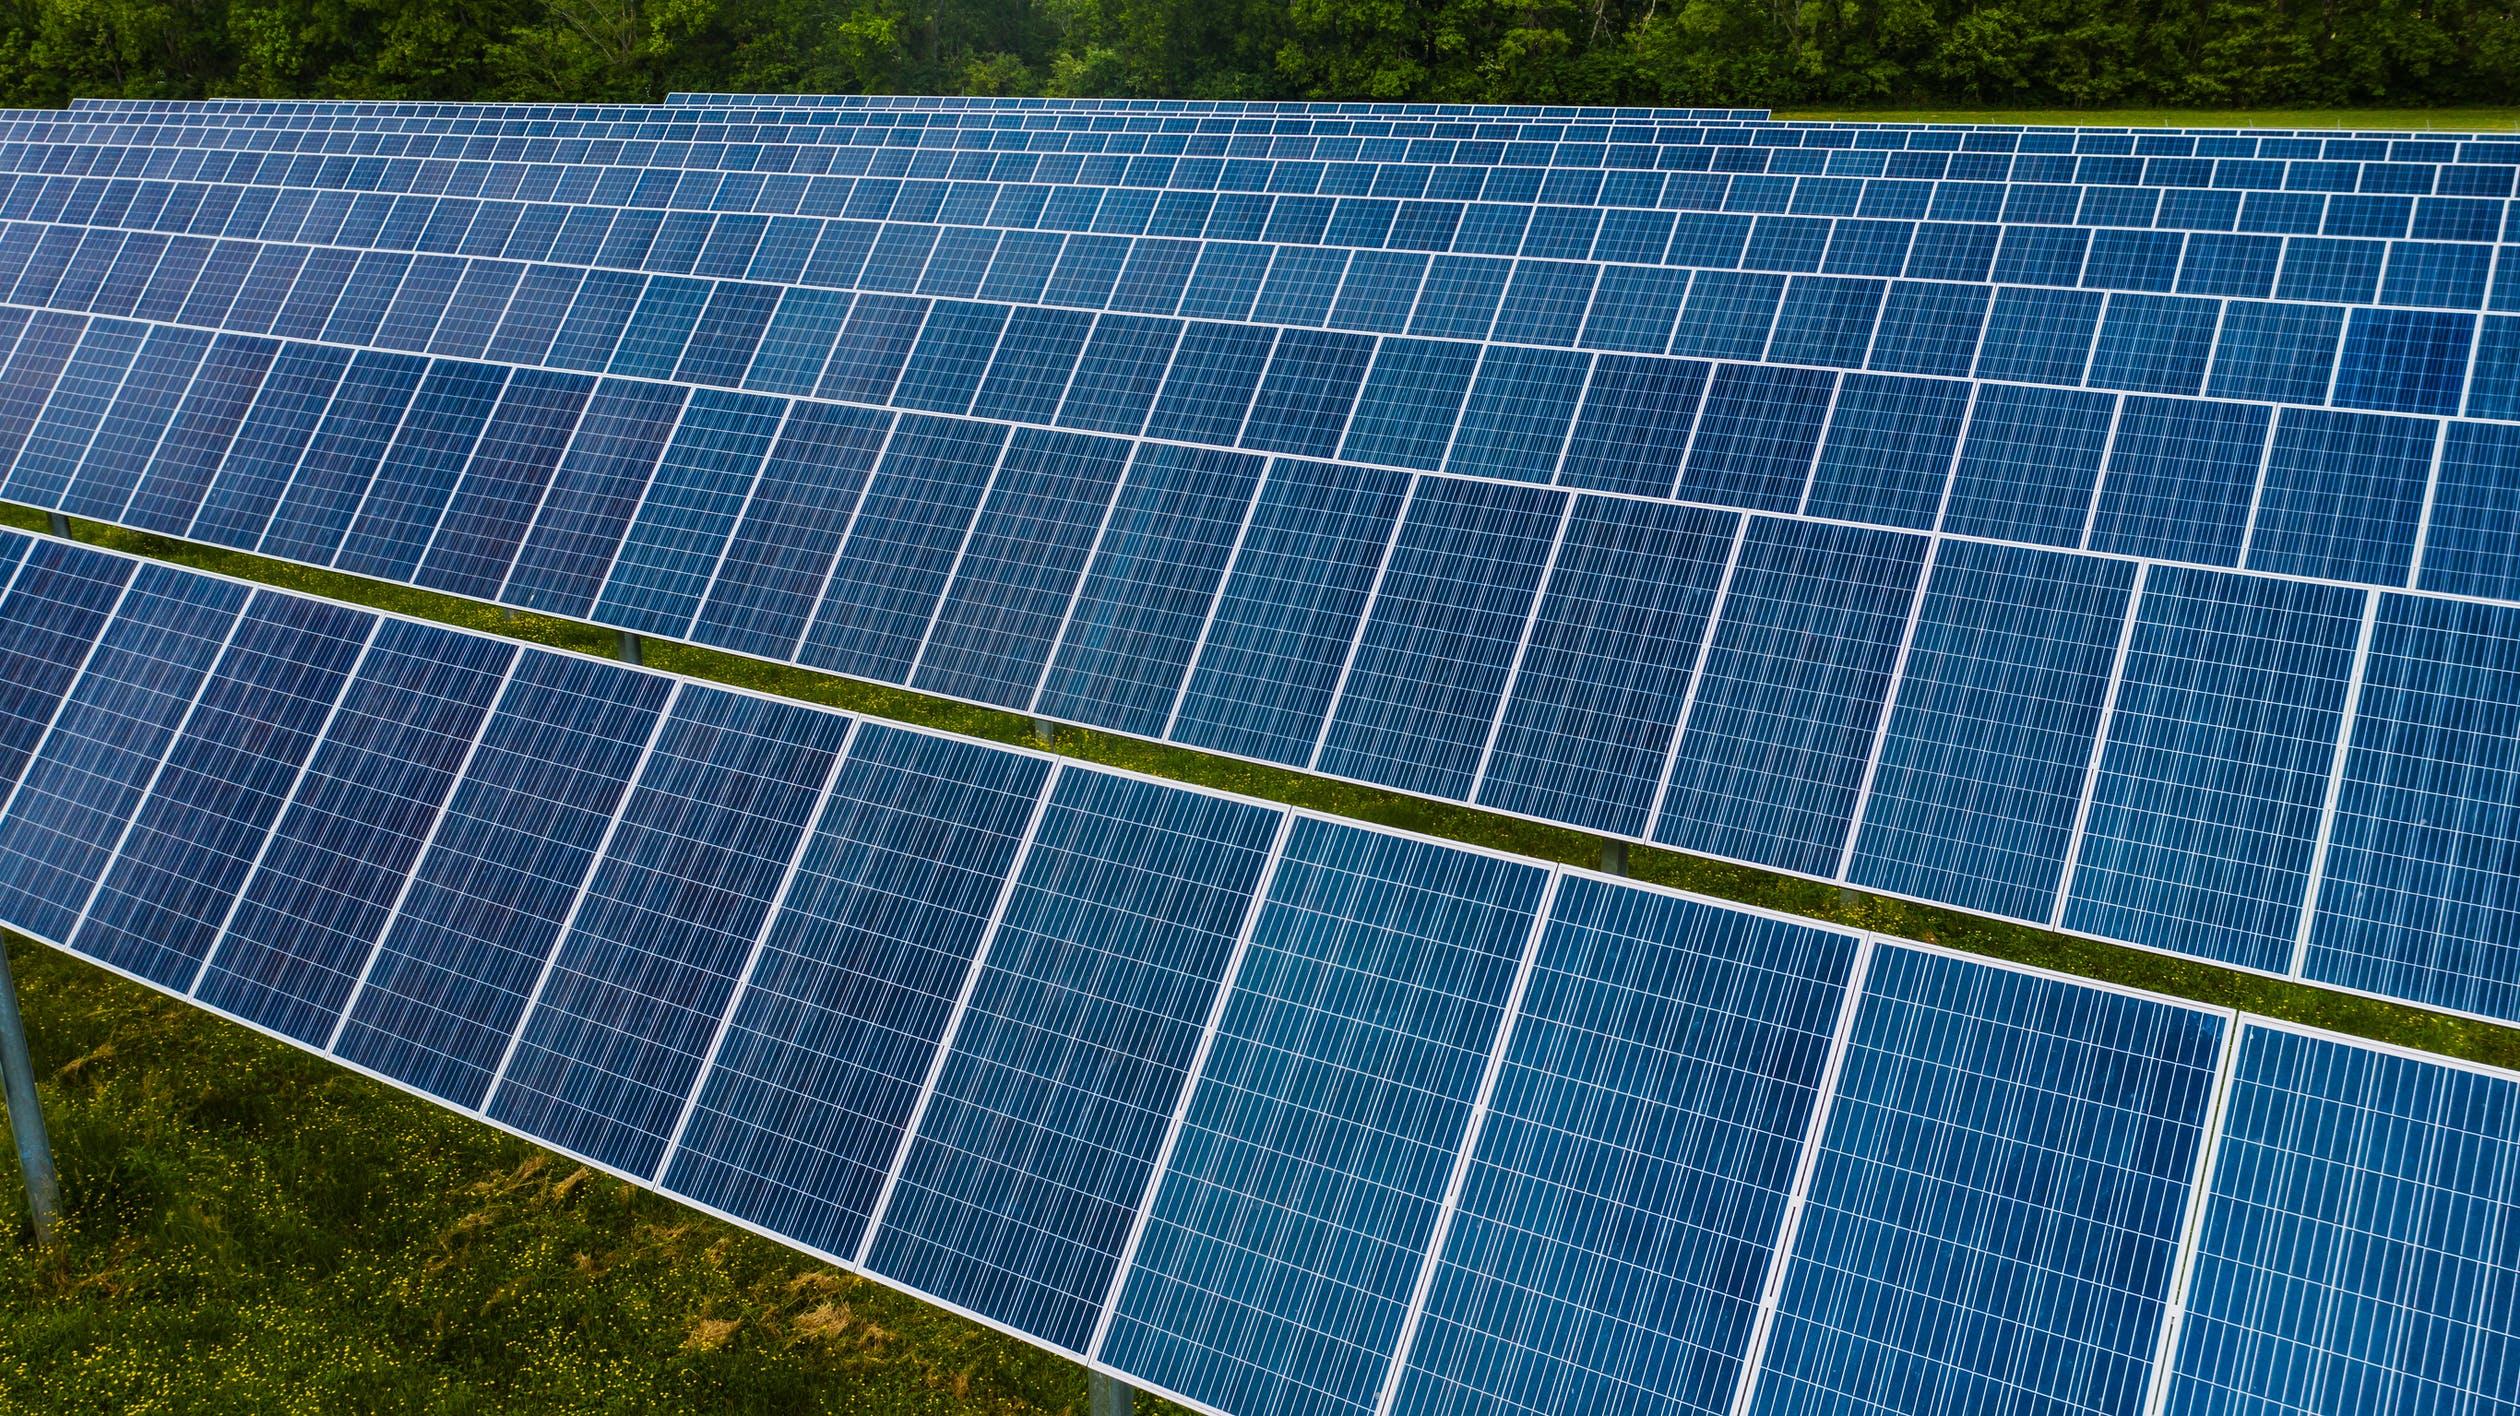 Los paneles solares solo funcionan con el sol